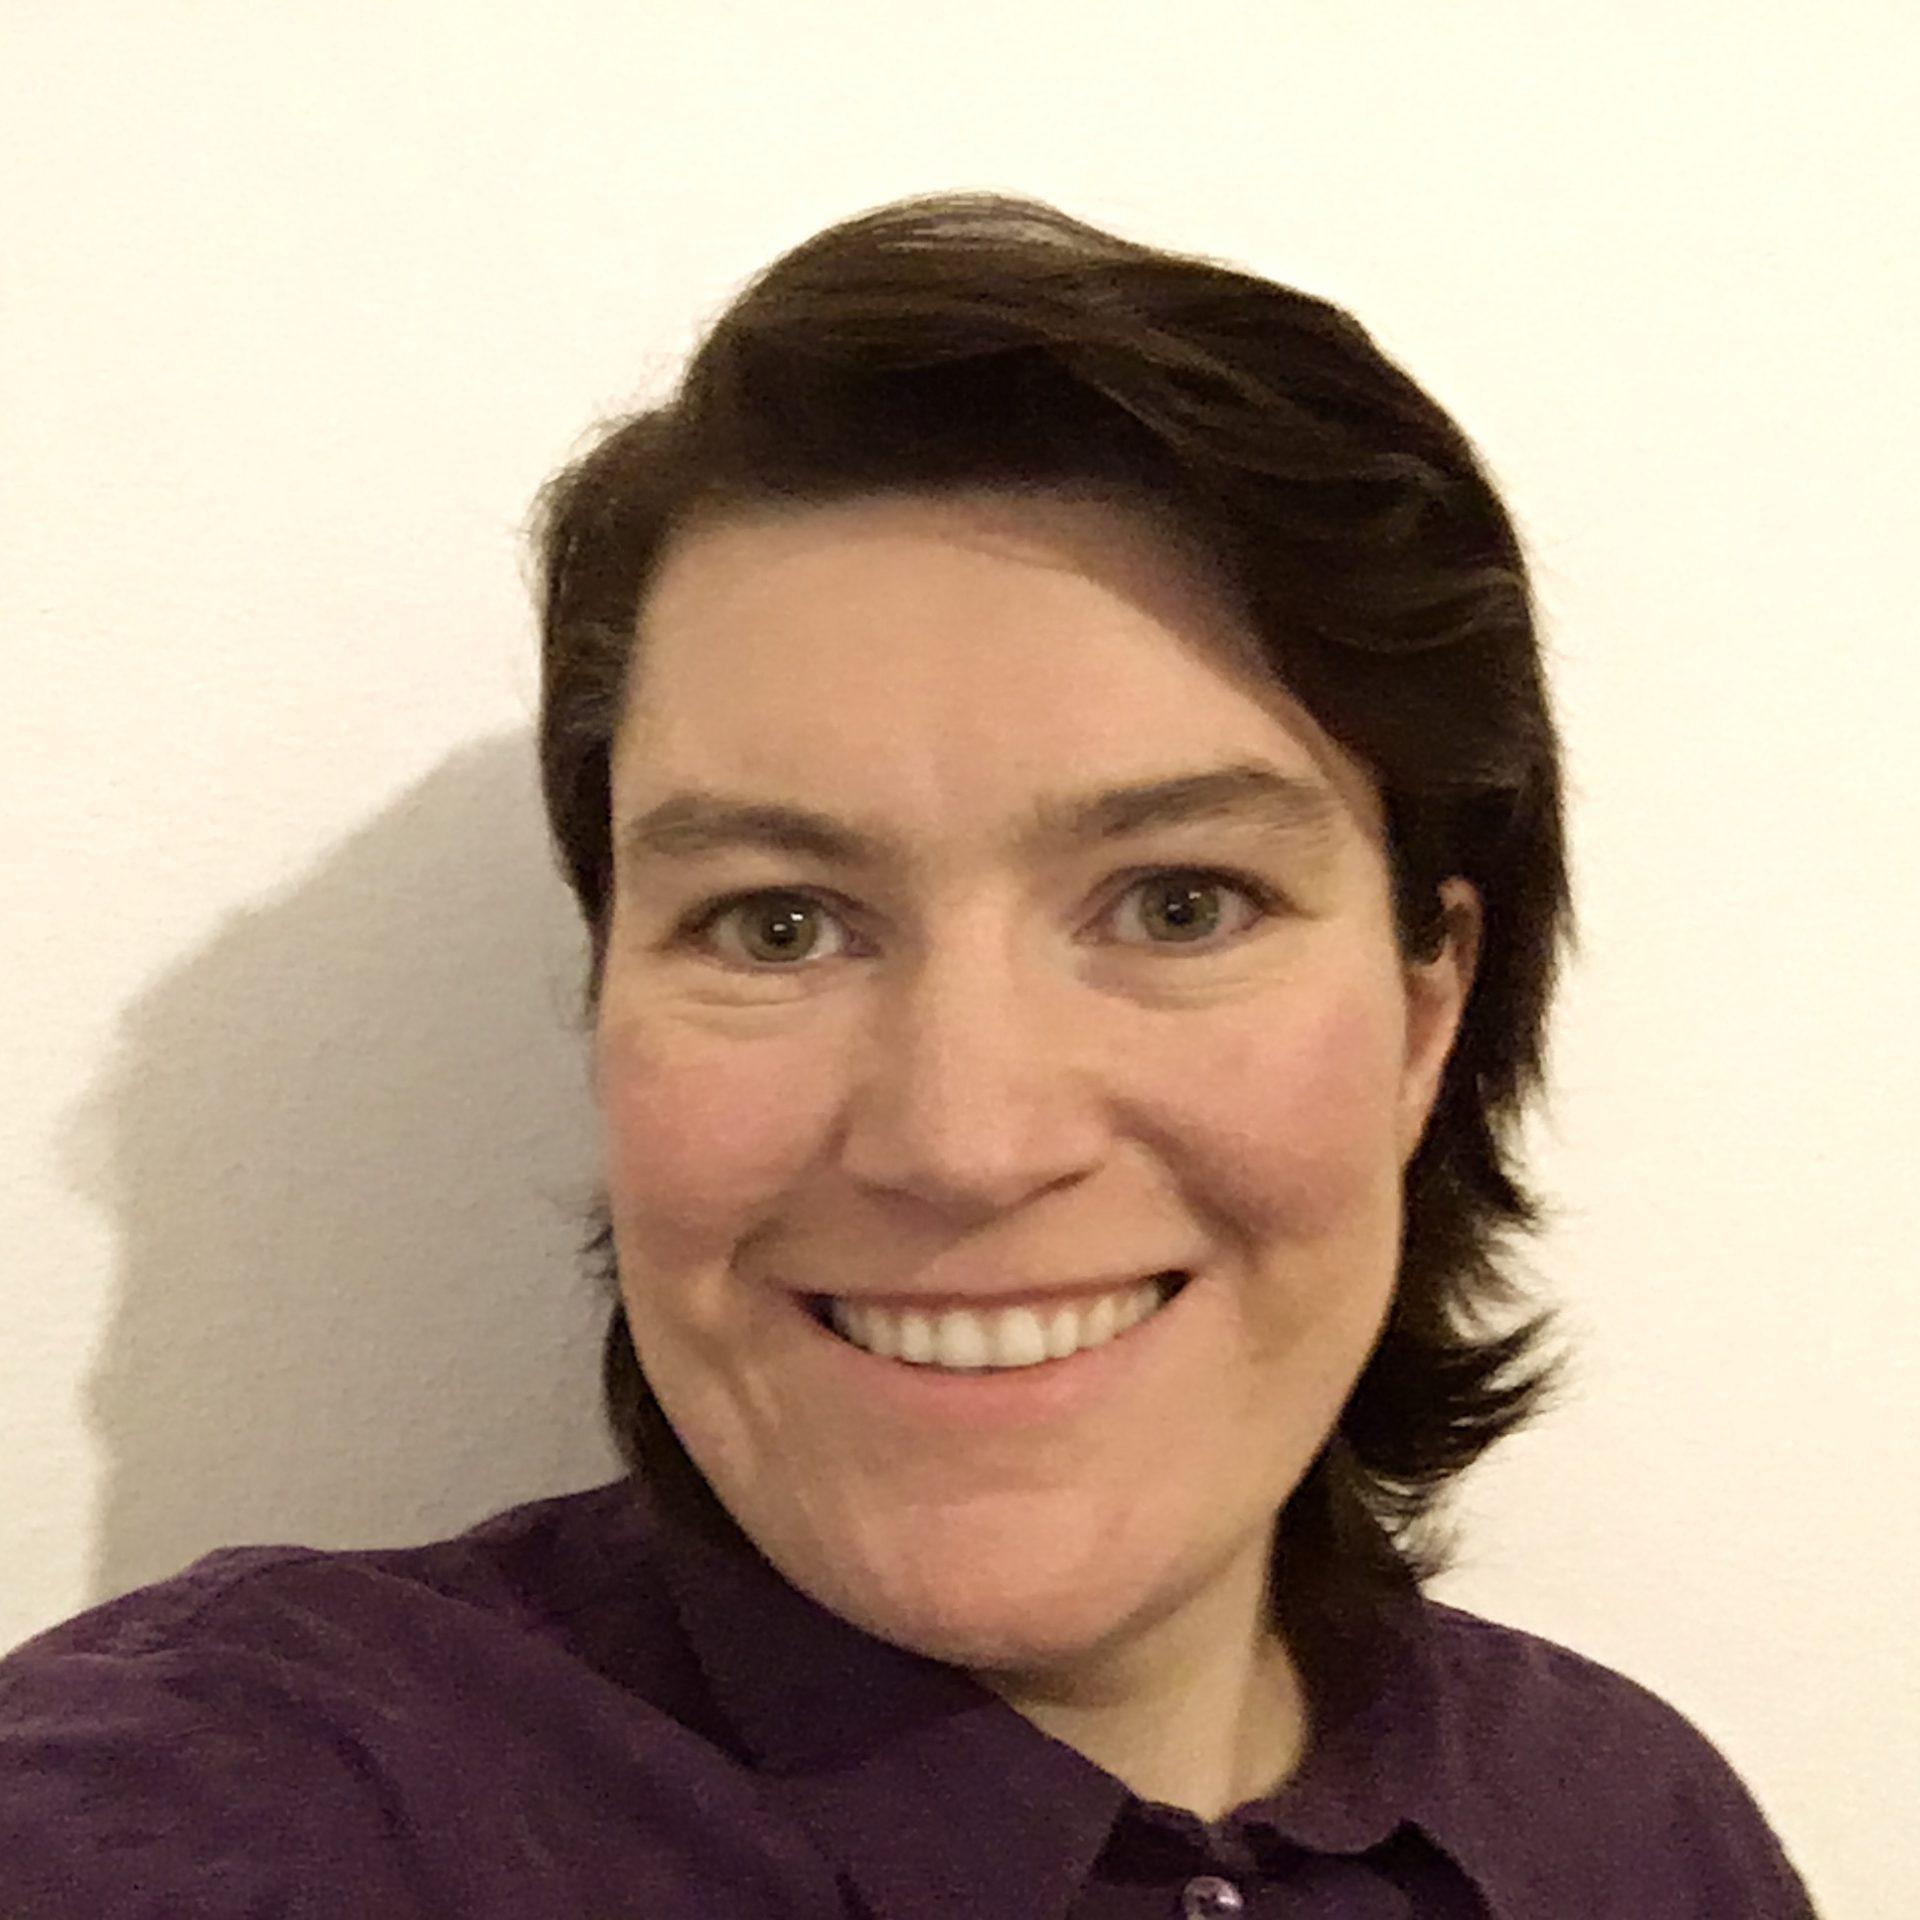 Jasmin Schnegelberger